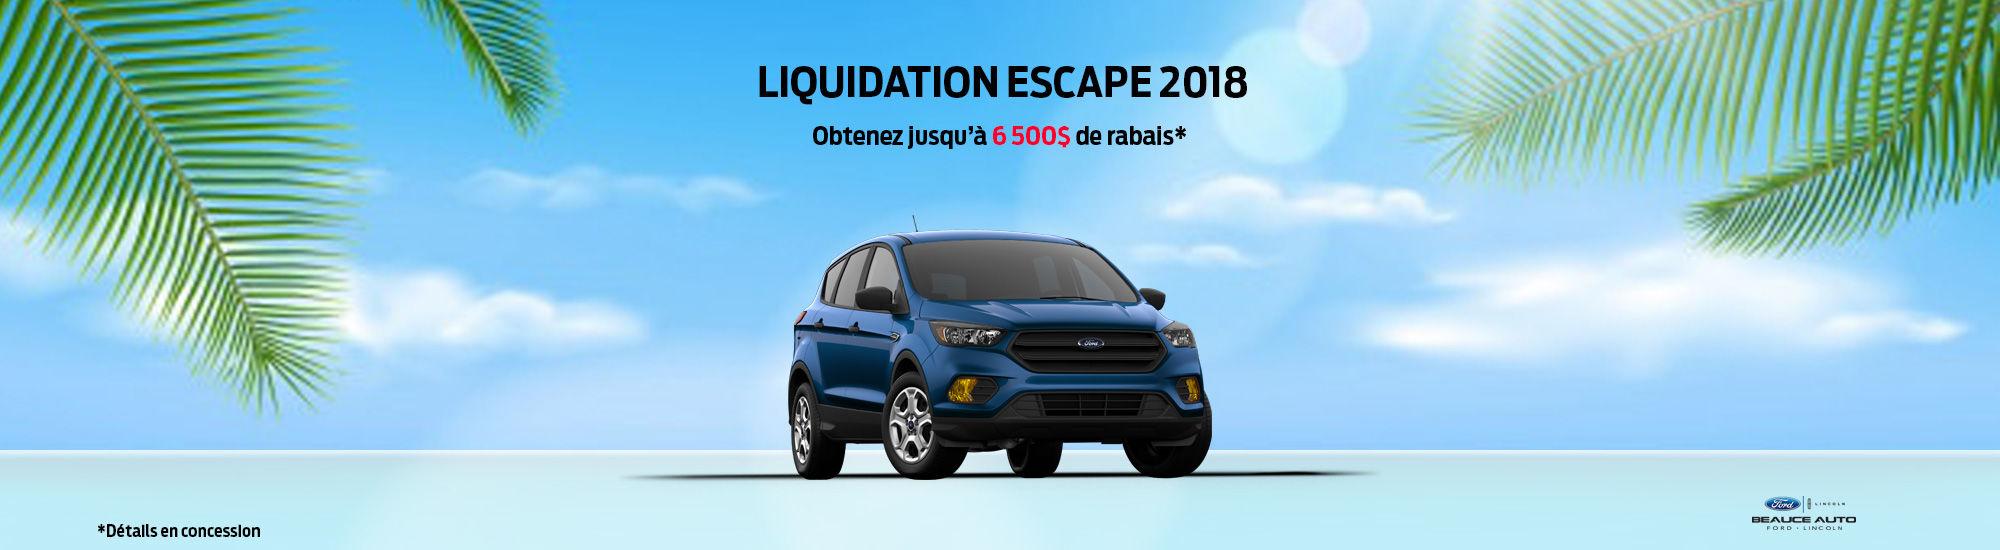 juillet escape 2018